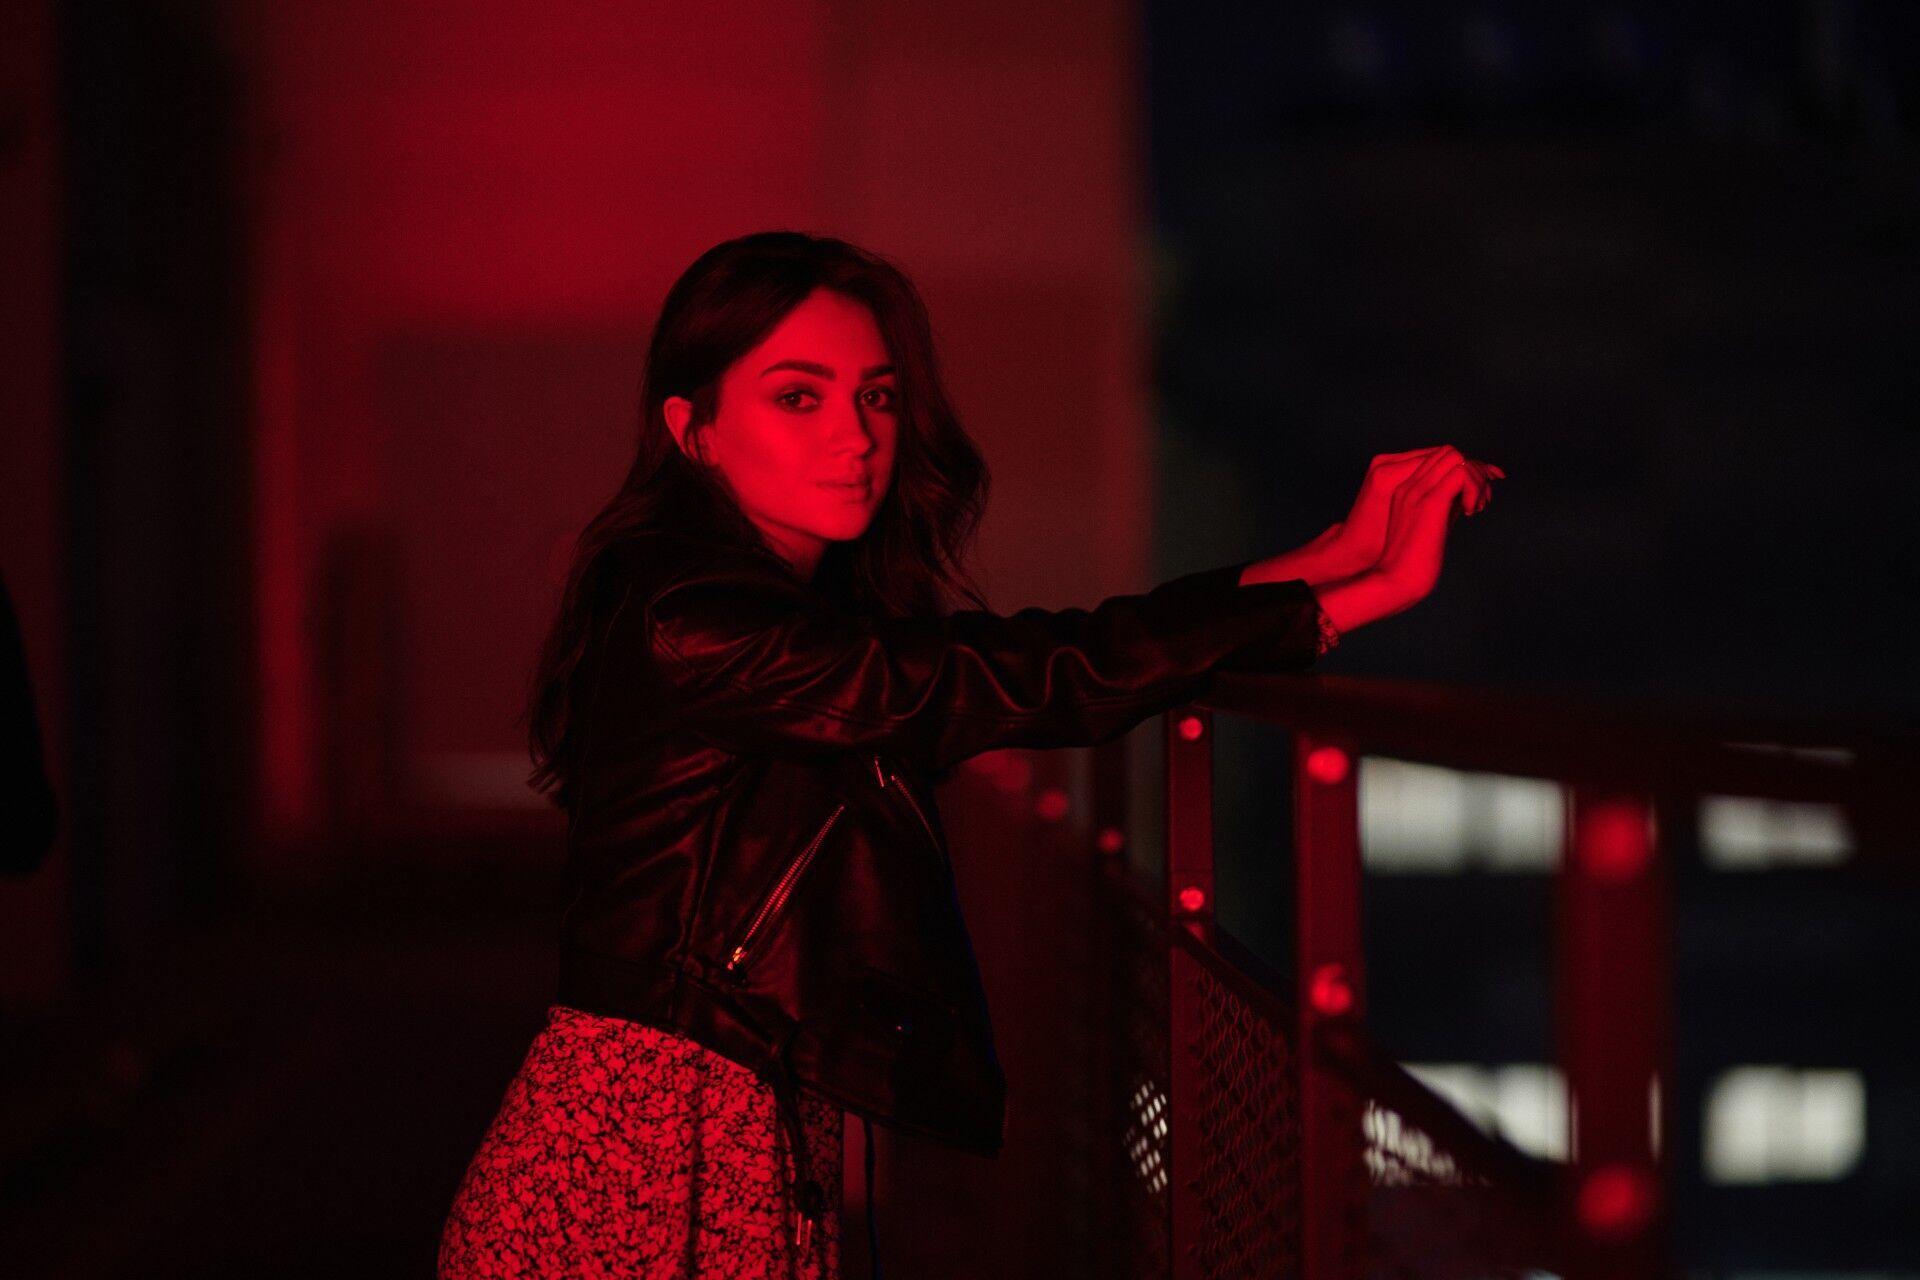 Певица Катя Вандина выпустила клип на собственную песню